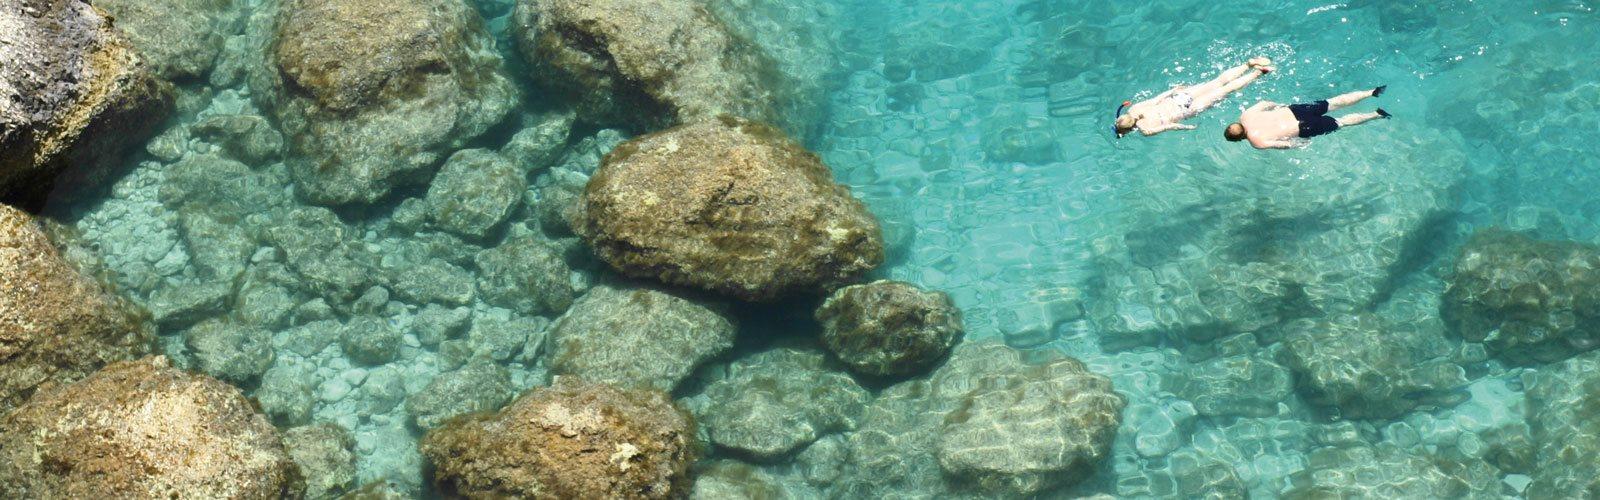 Zwei Schnorchler erkunden das glasklare Meer